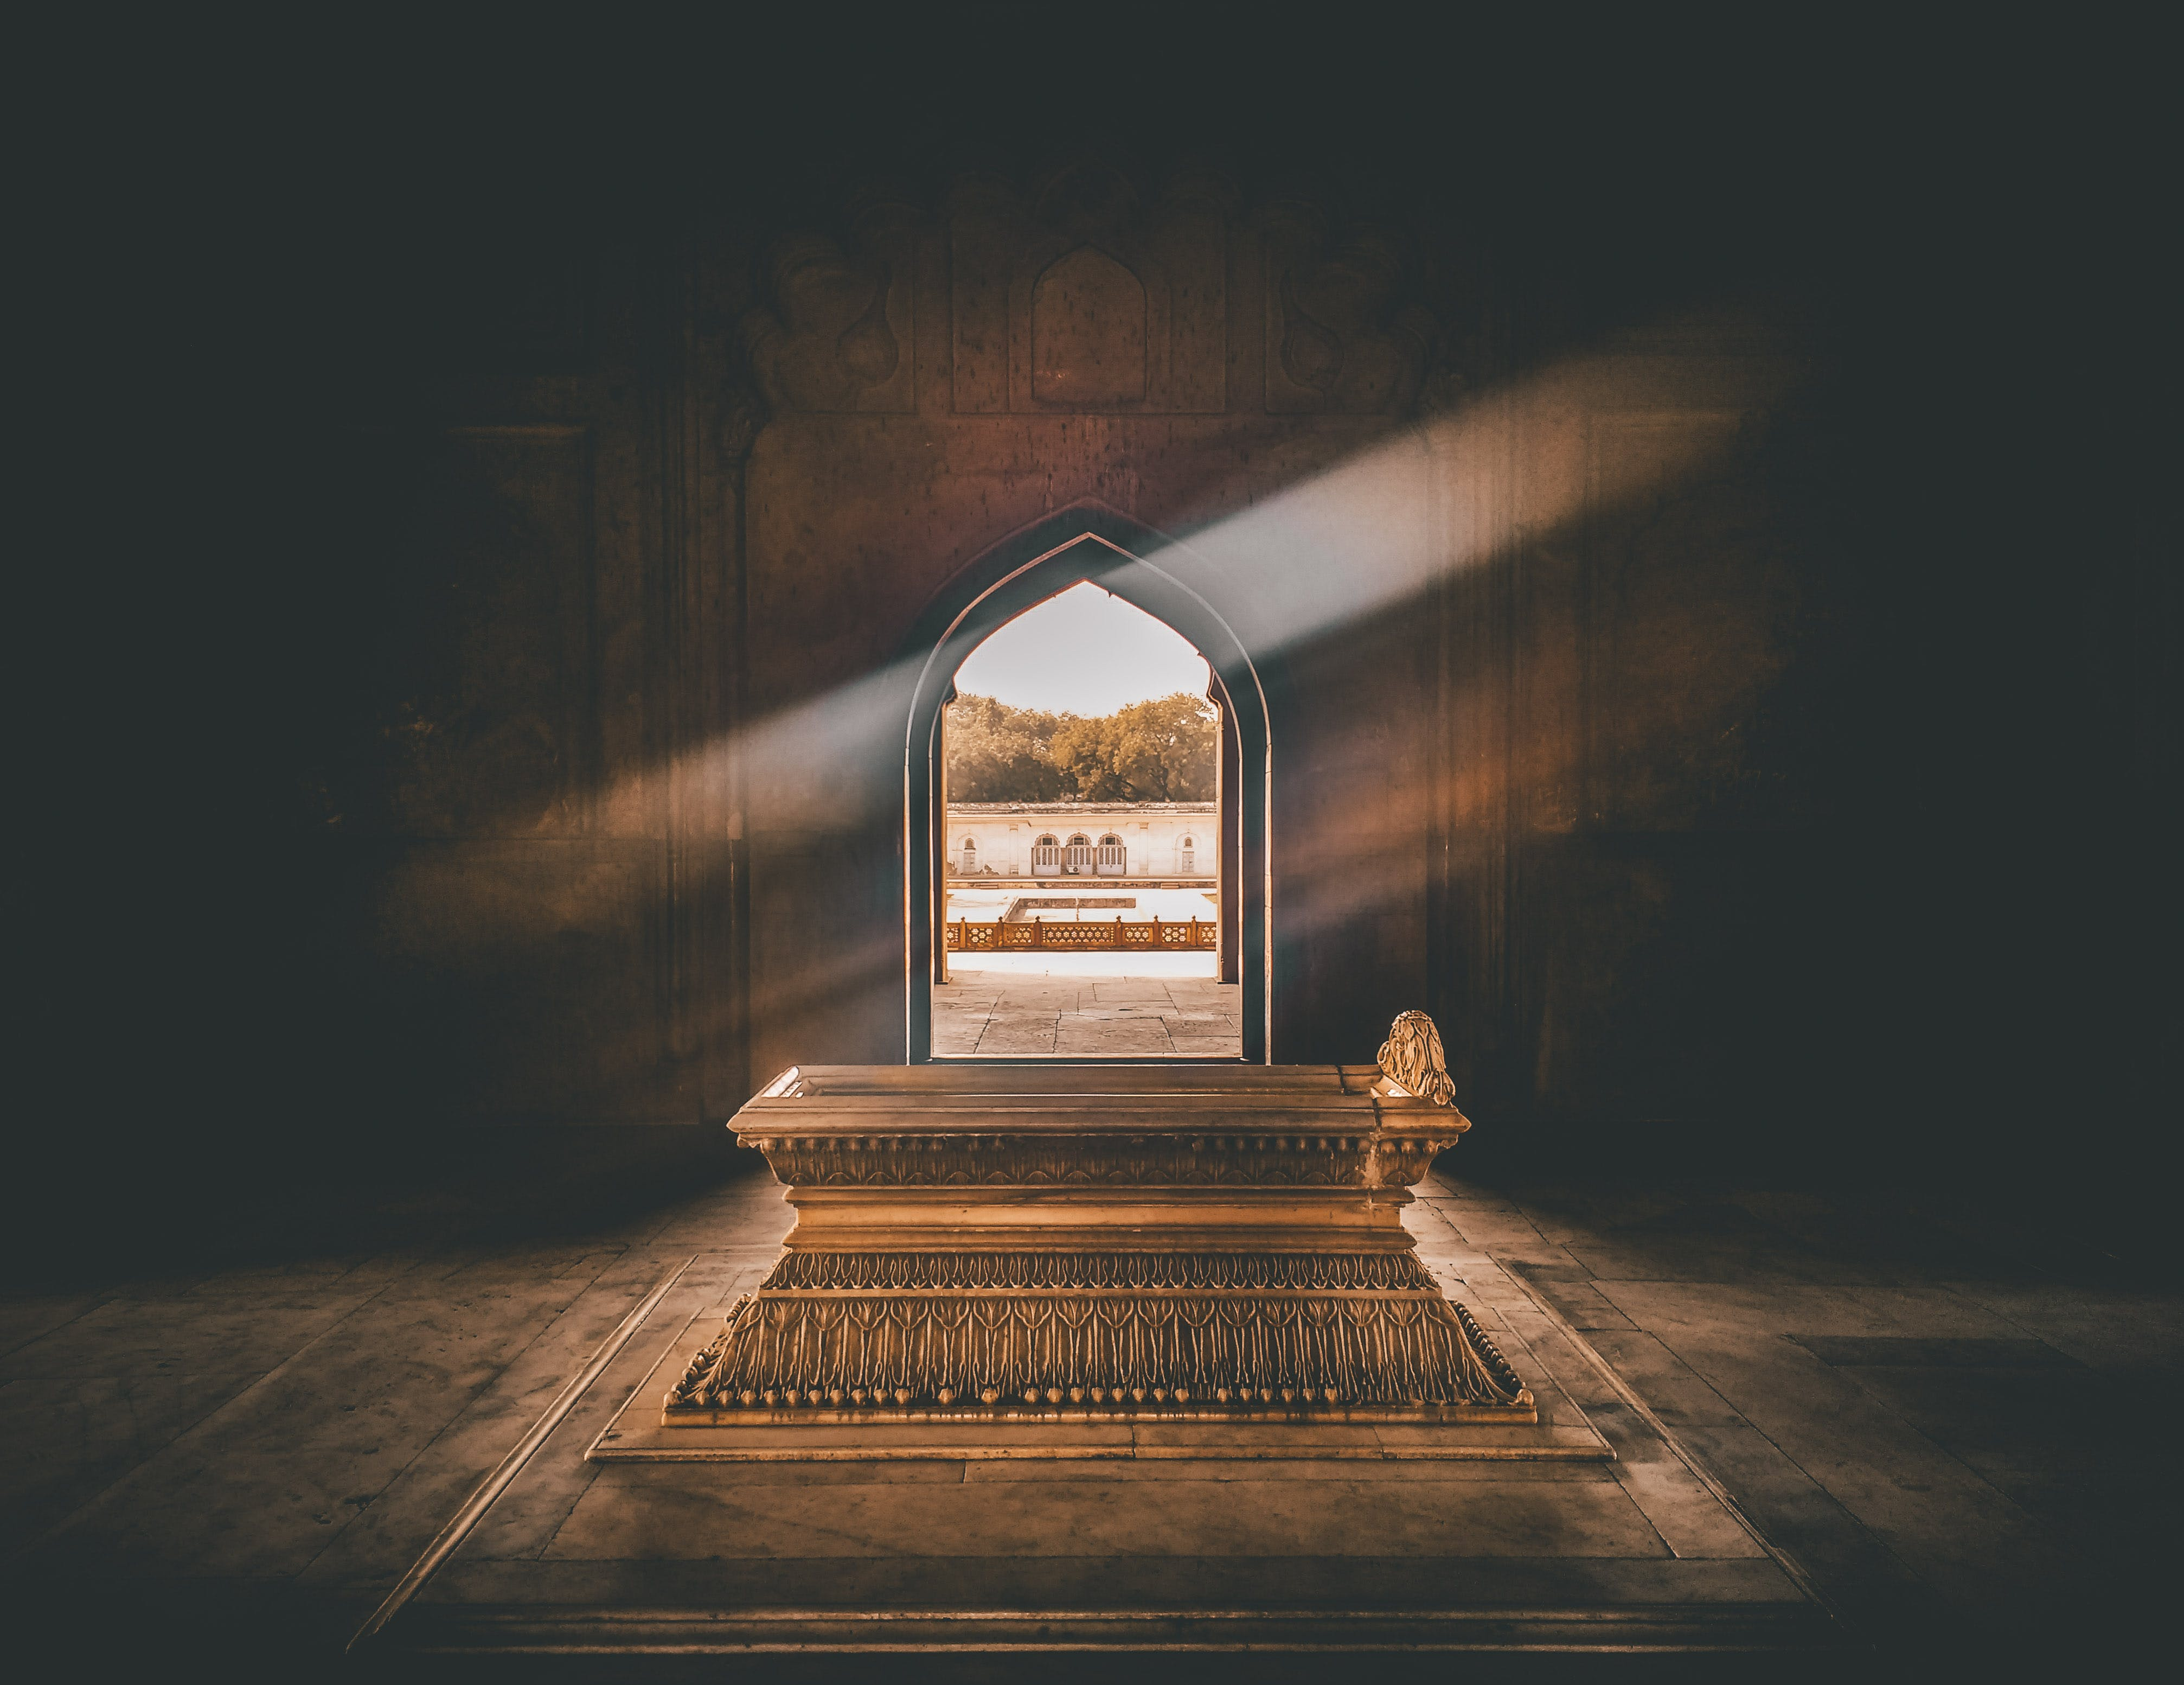 건축, 고대의, 관, 무덤의 무료 스톡 사진